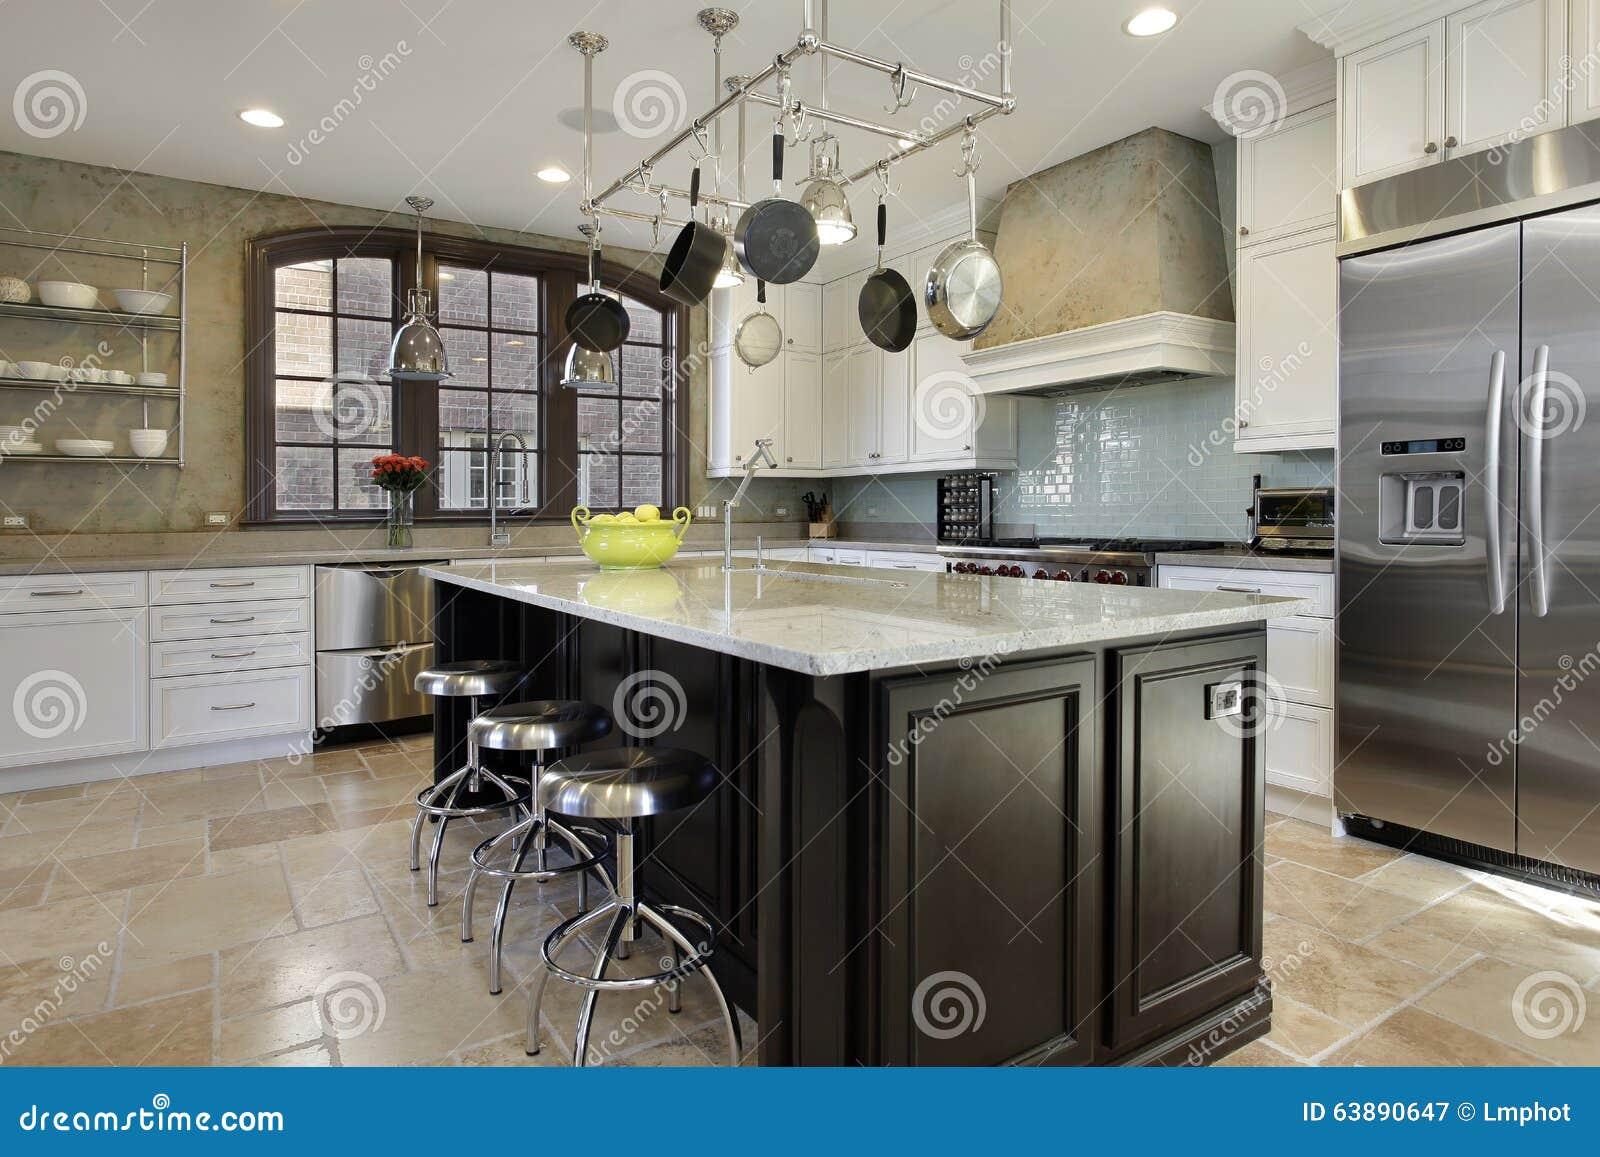 Küche mit Mittelinsel stockbild. Bild von möbel, haupt - 63890647